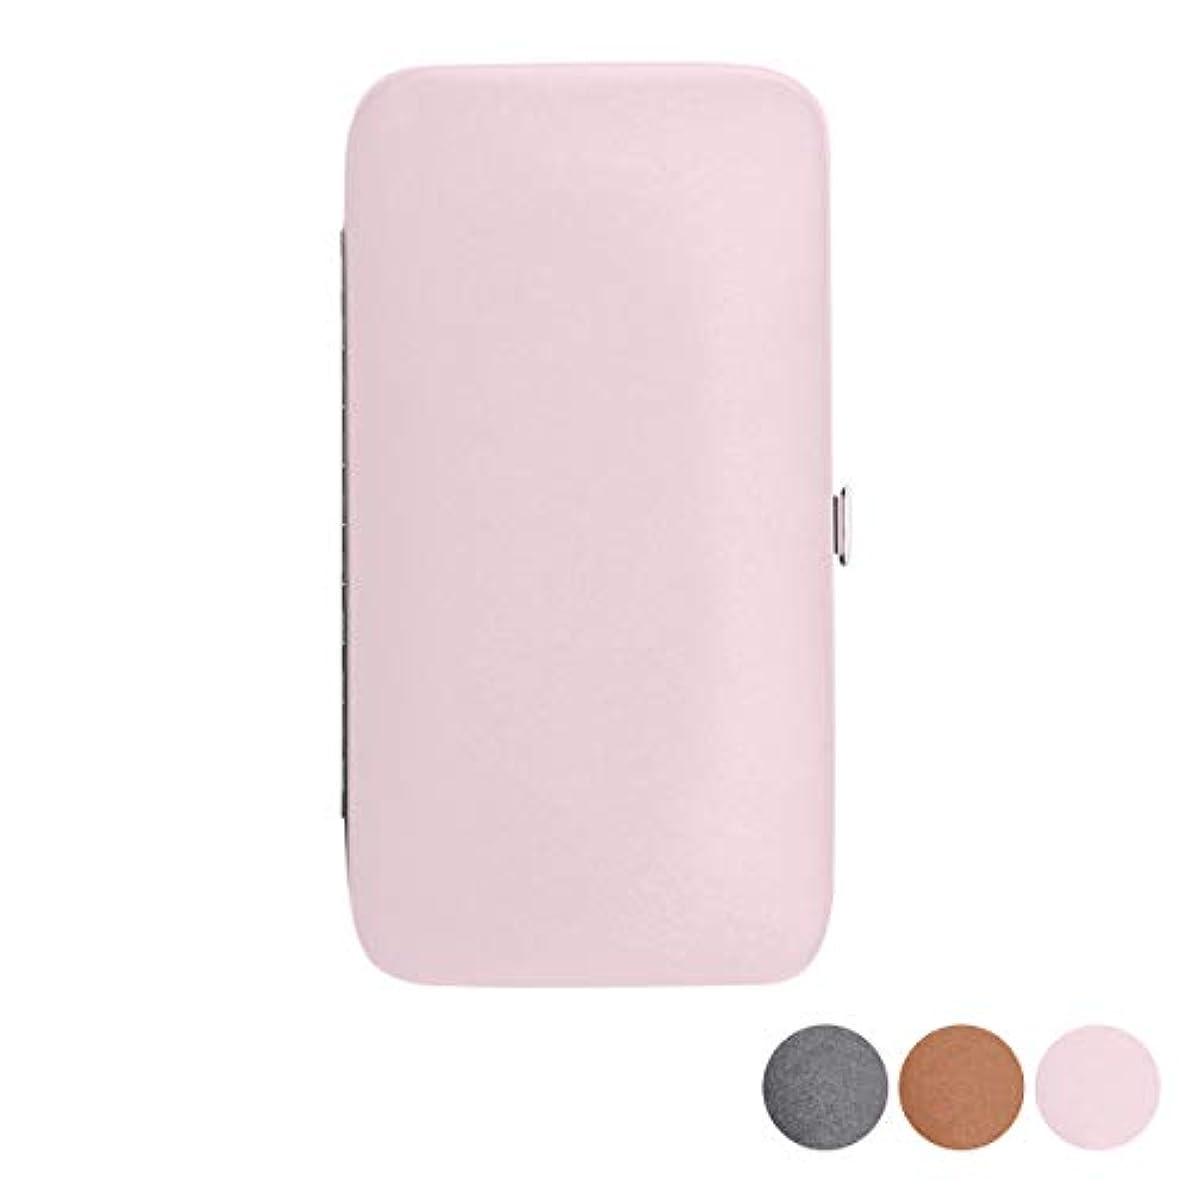 横たわる適格相互接続マグネット式 ツイーザーケース 全3色 ピンク [ ツイーザー ツィーザー ツイザー 毛抜き ピンセット 脱毛 アイラッシュ まつげエクステ まつ毛エクステ まつエク マツエク ネイル サロン 業務用 ]